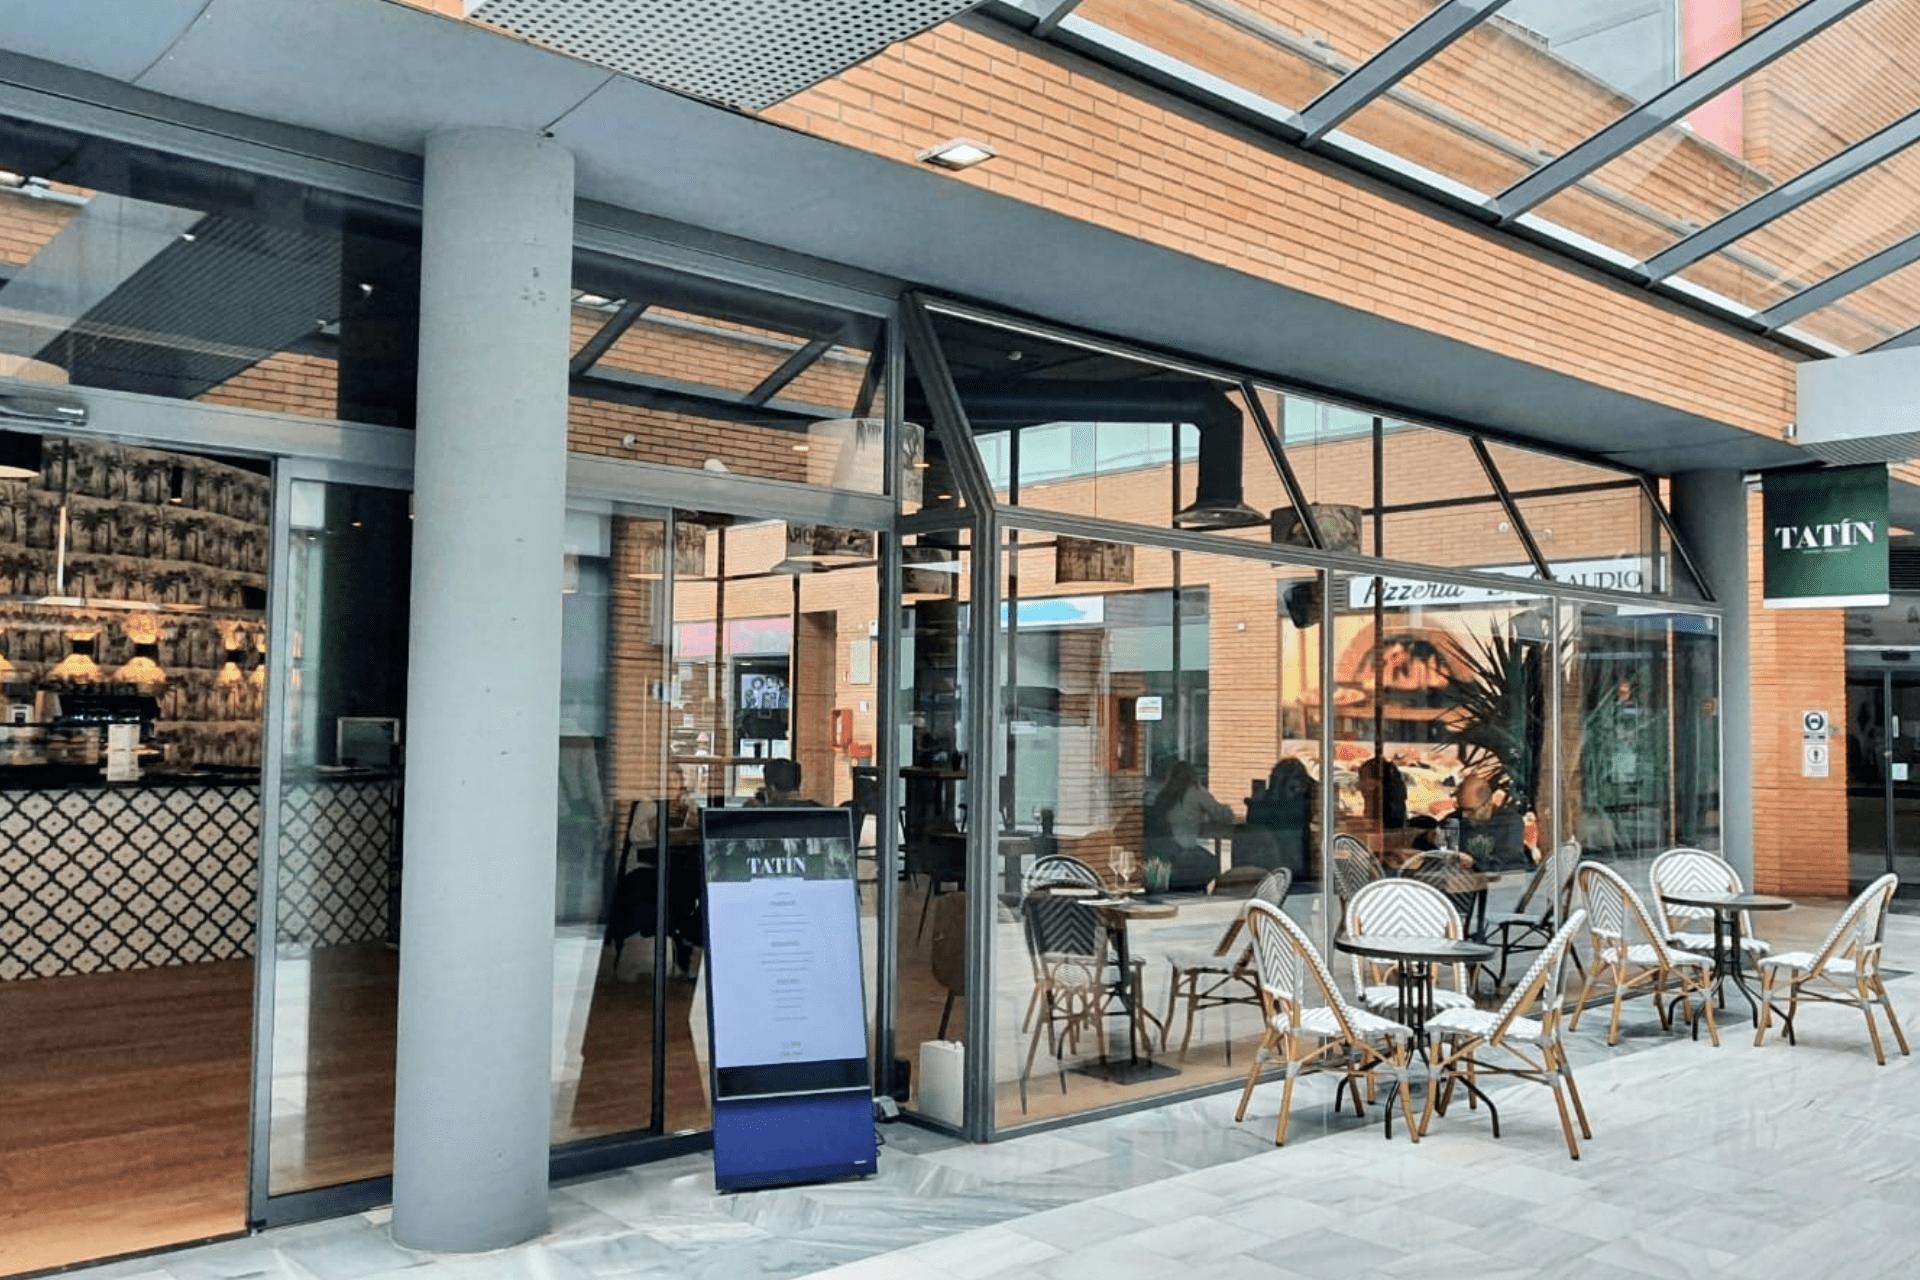 Tatín, una experiencia gastronómica para los sentidos en Los Porches del Audiorama